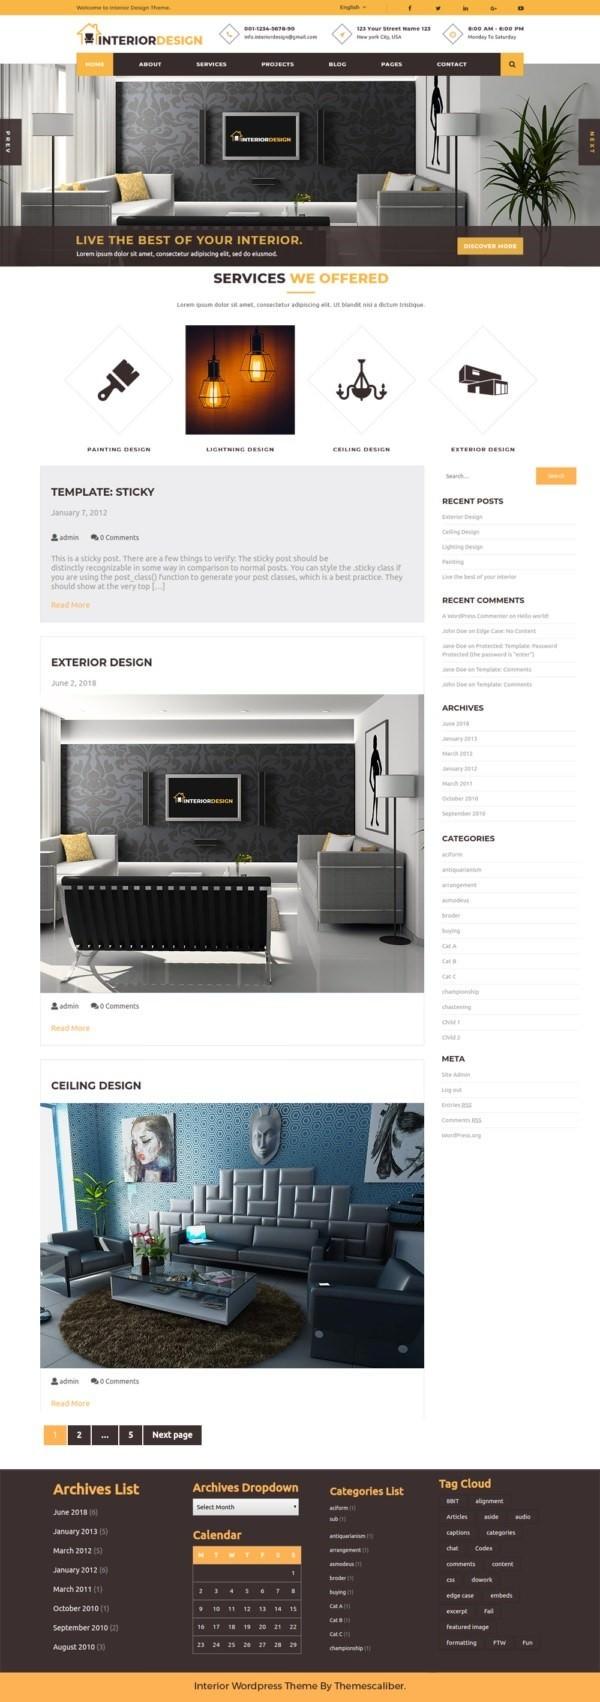 InteriorDesign русская бесплатная тема для интерьера WordPress